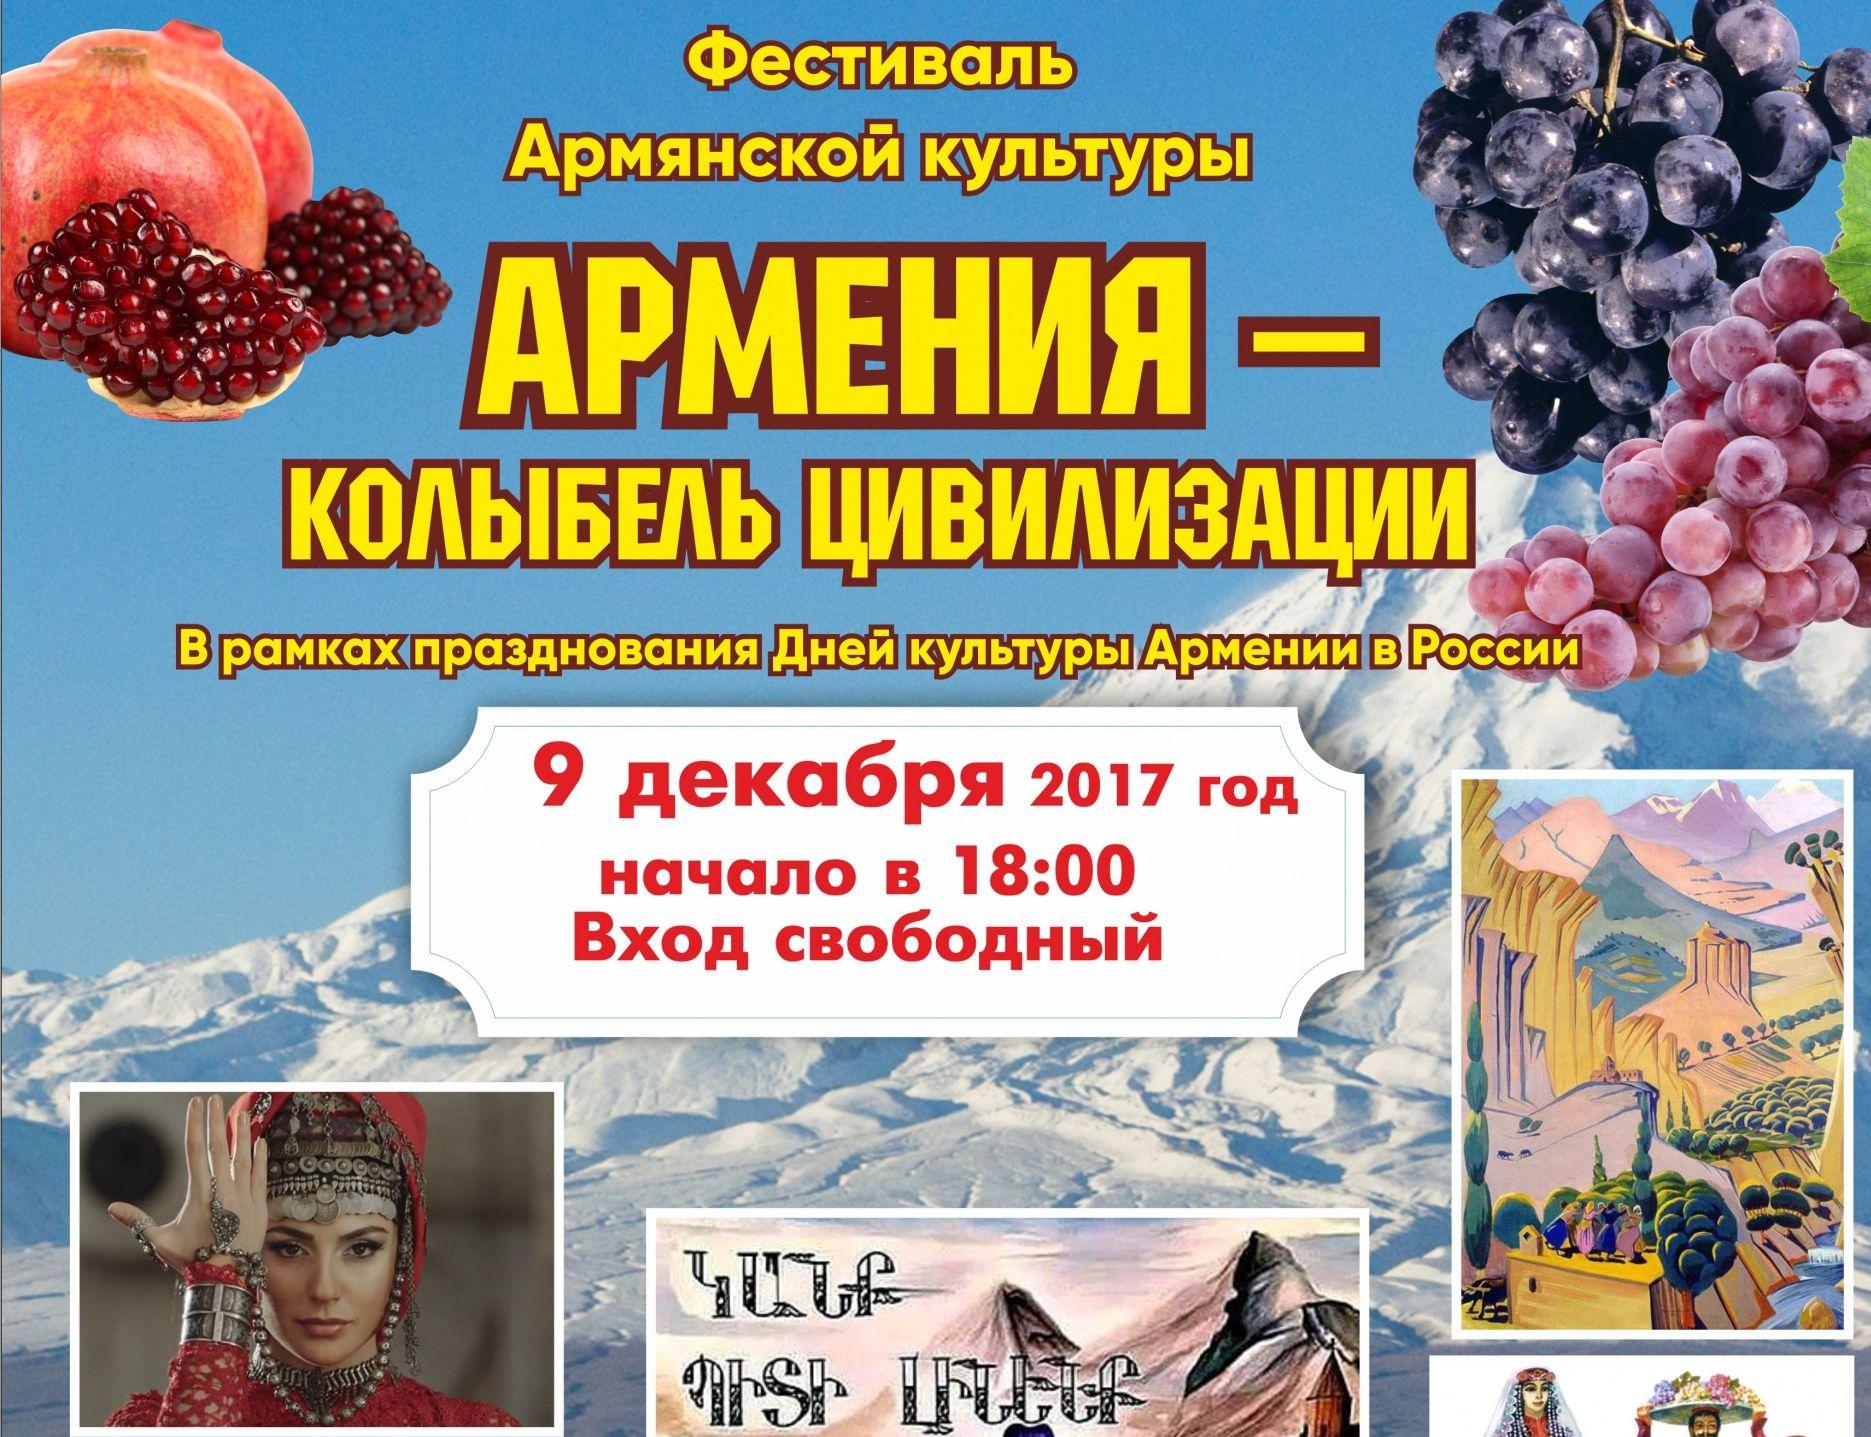 Фестиваль армянской культуры пройдет вВолгограде